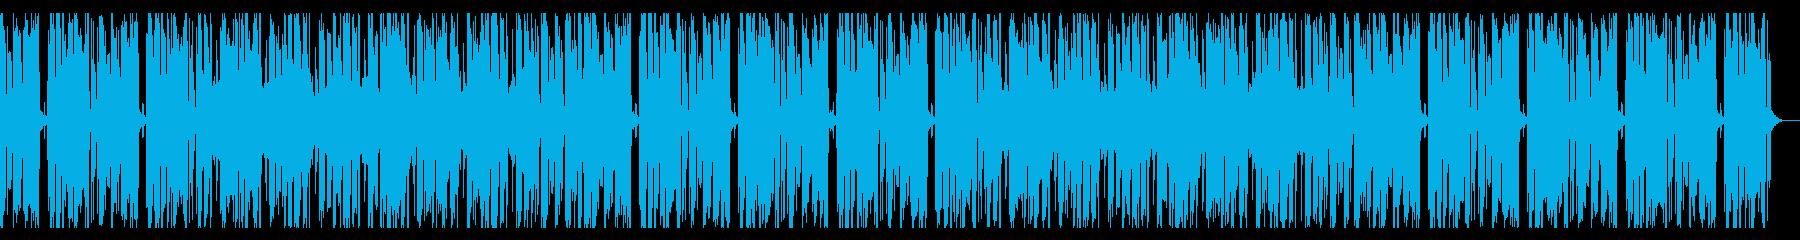 ノスタルジー。R&Bの再生済みの波形